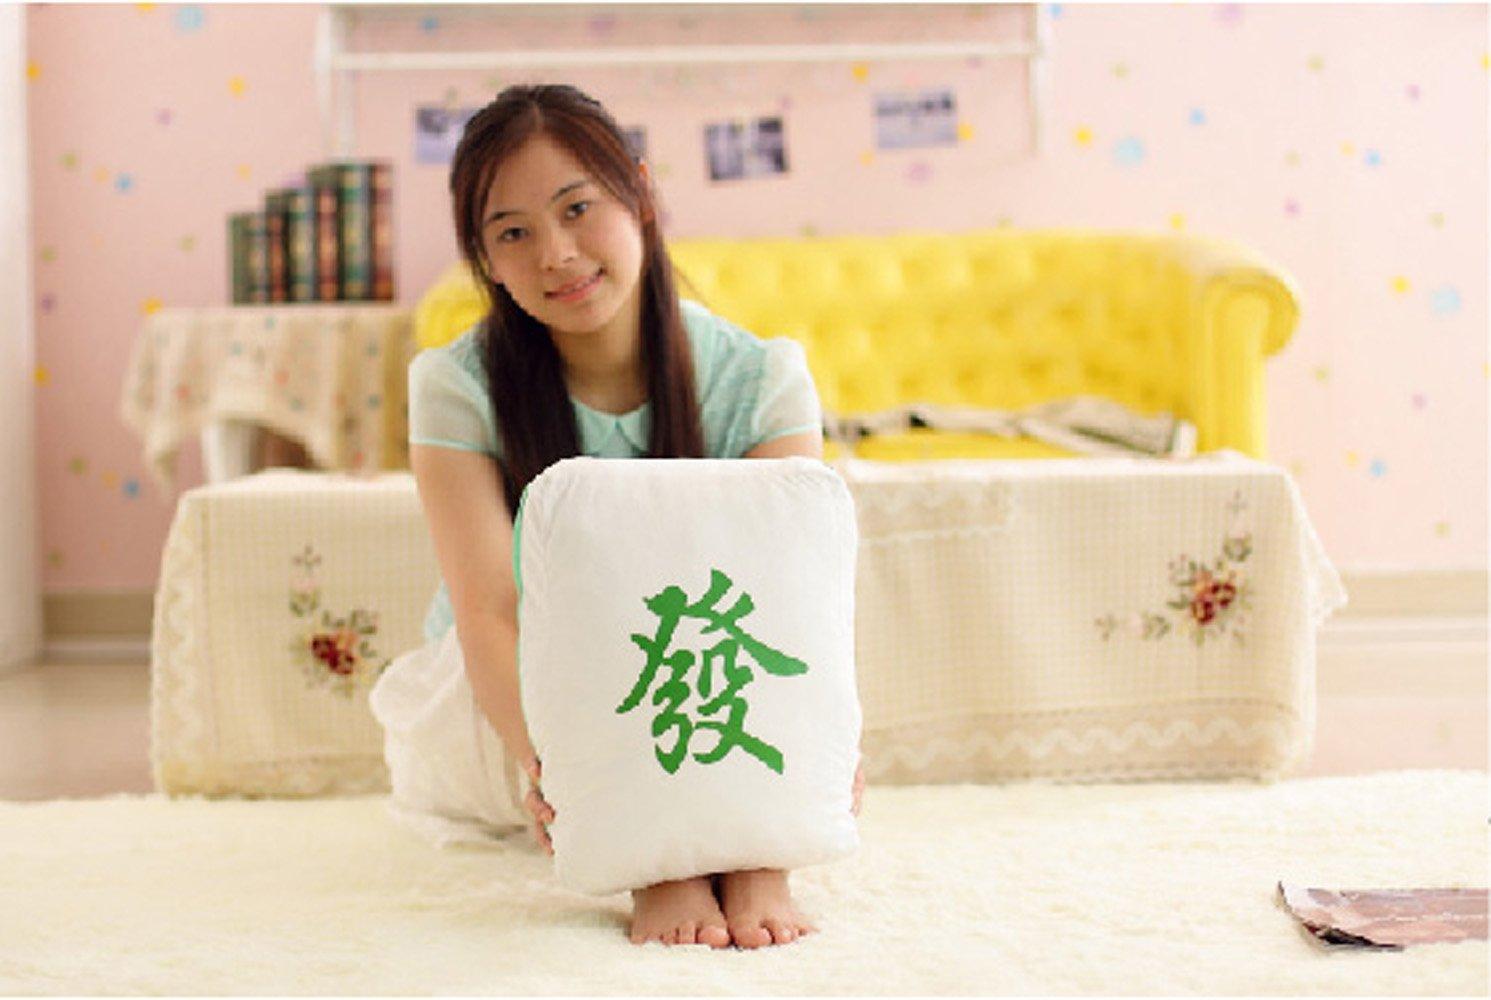 大眼猫 麻将特色创意抱枕 红中发财八万 中国风靠垫汽车靠垫创意玩具